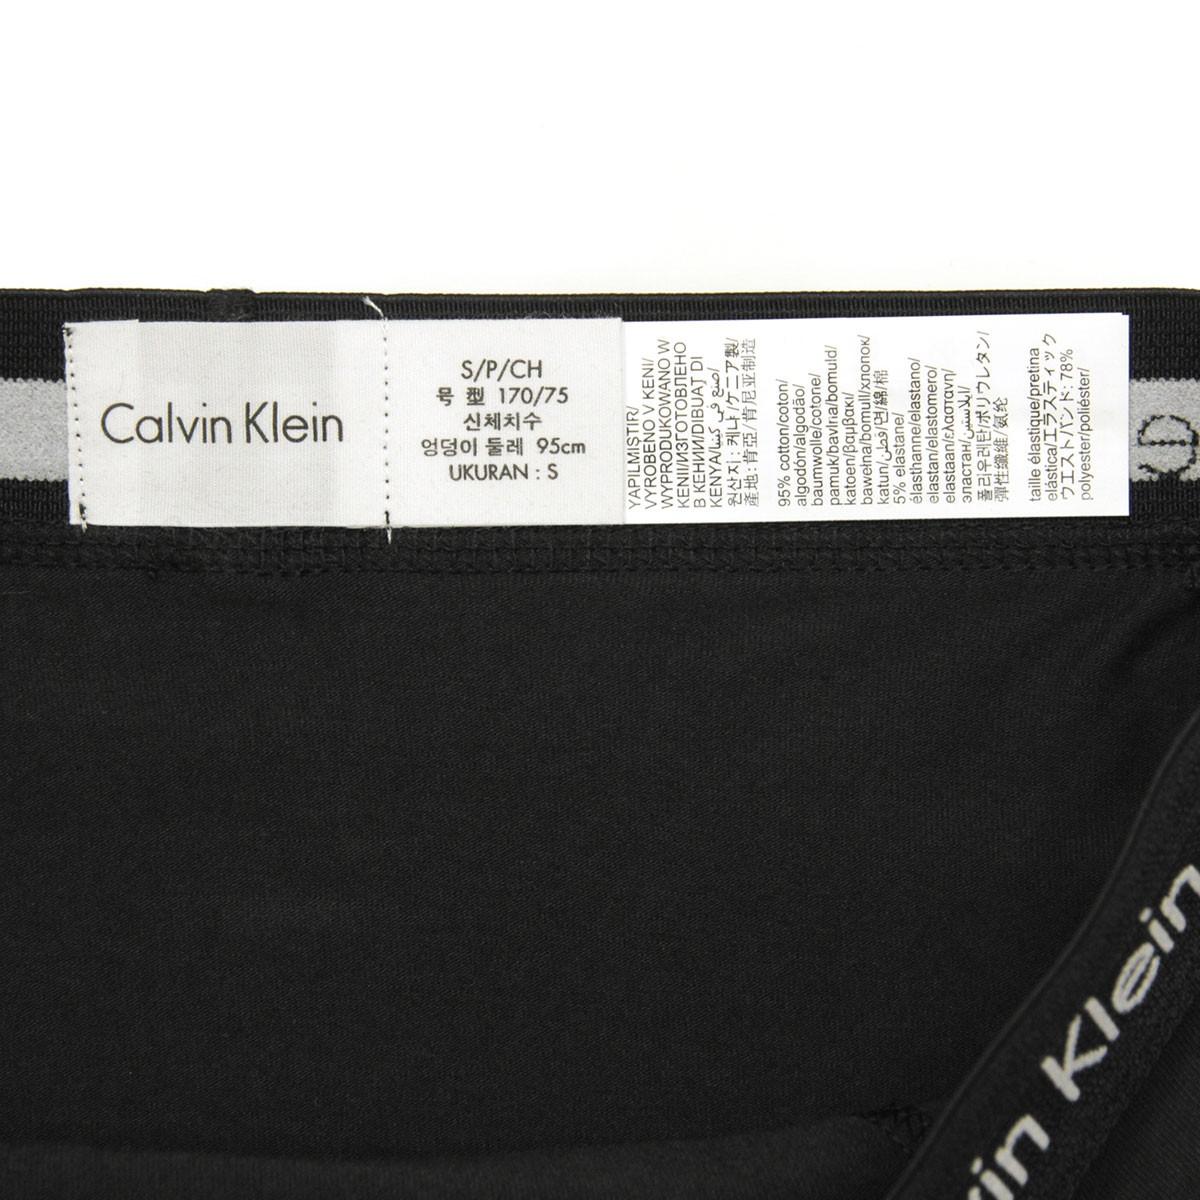 カルバンクライン ボクサーブリーフ メンズ 正規品 Calvin Klein アンダーウェア ボクサーブリーフ 下着 3枚セット 3PACK BOXER BRIEFS